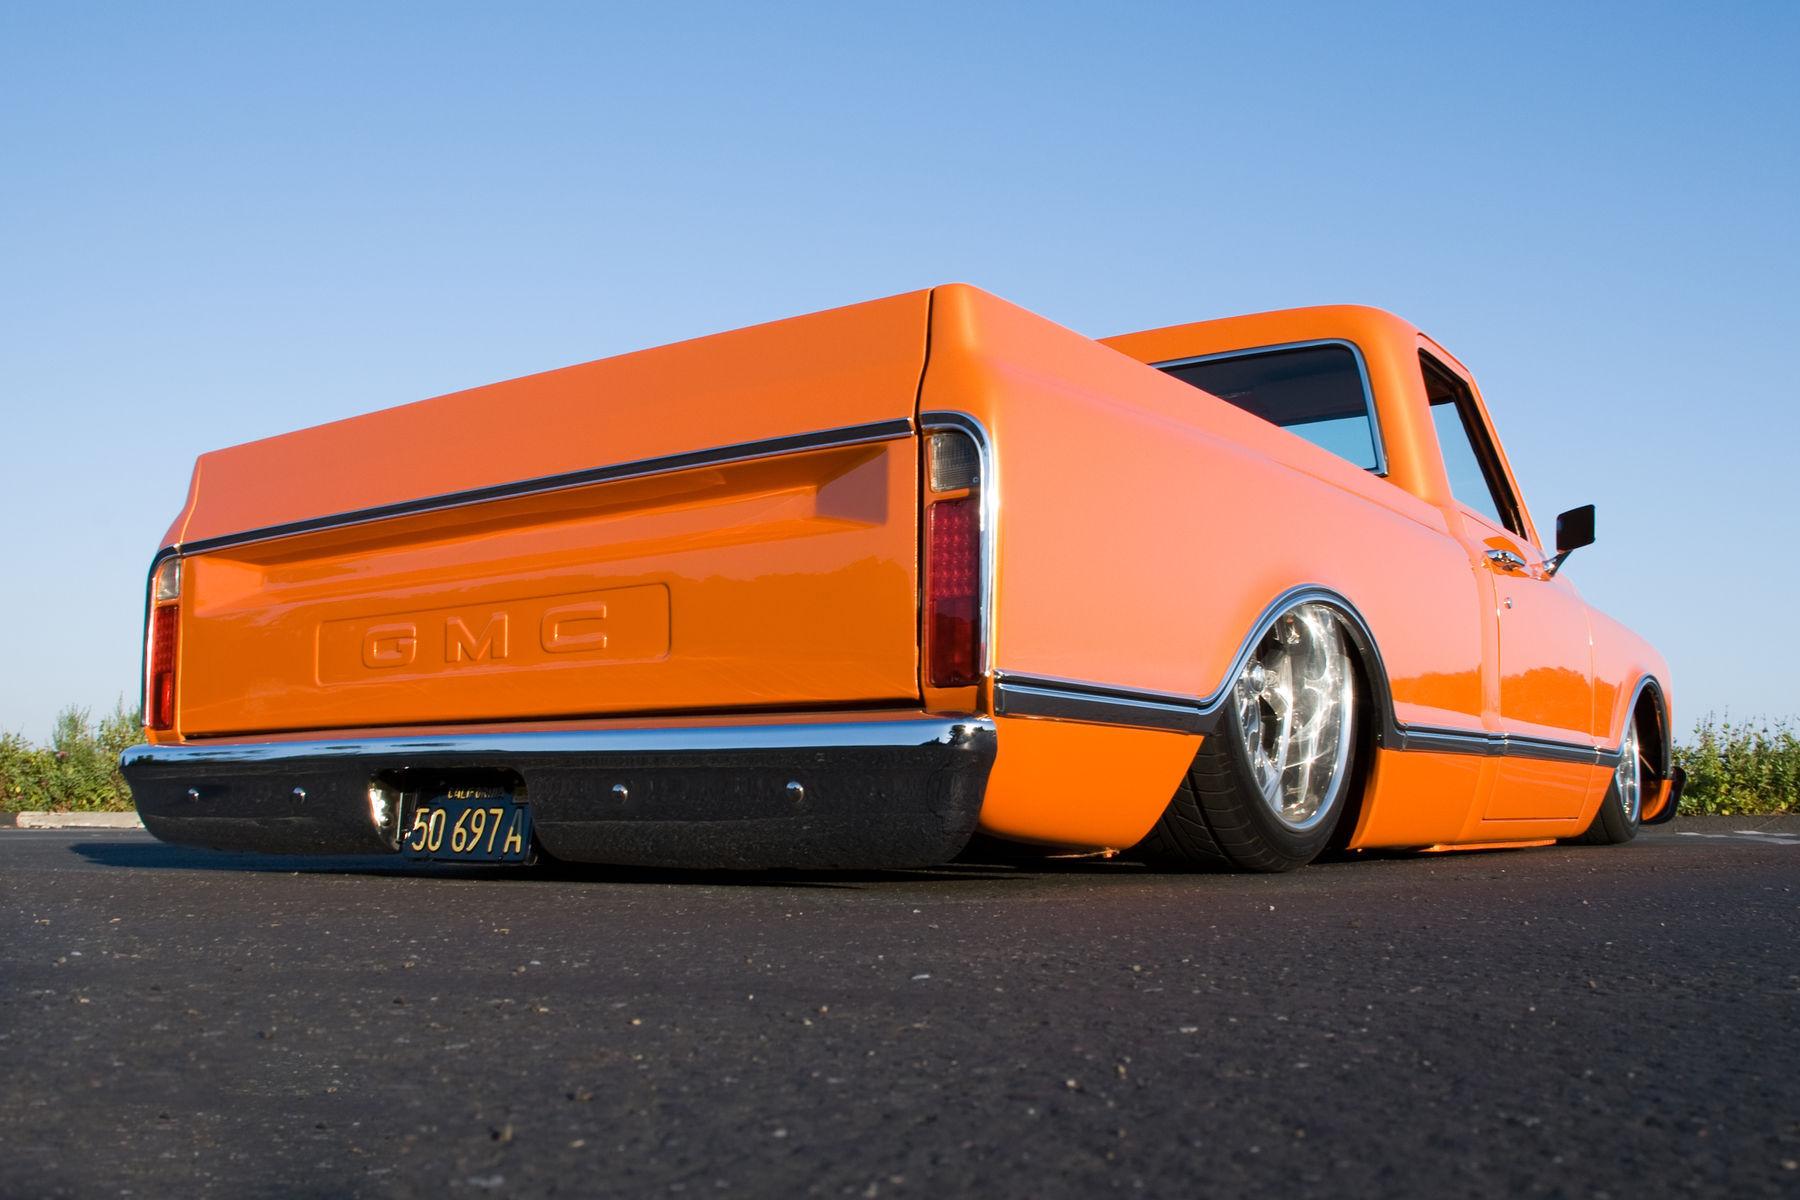 1972 GMC  | Scott's C-10